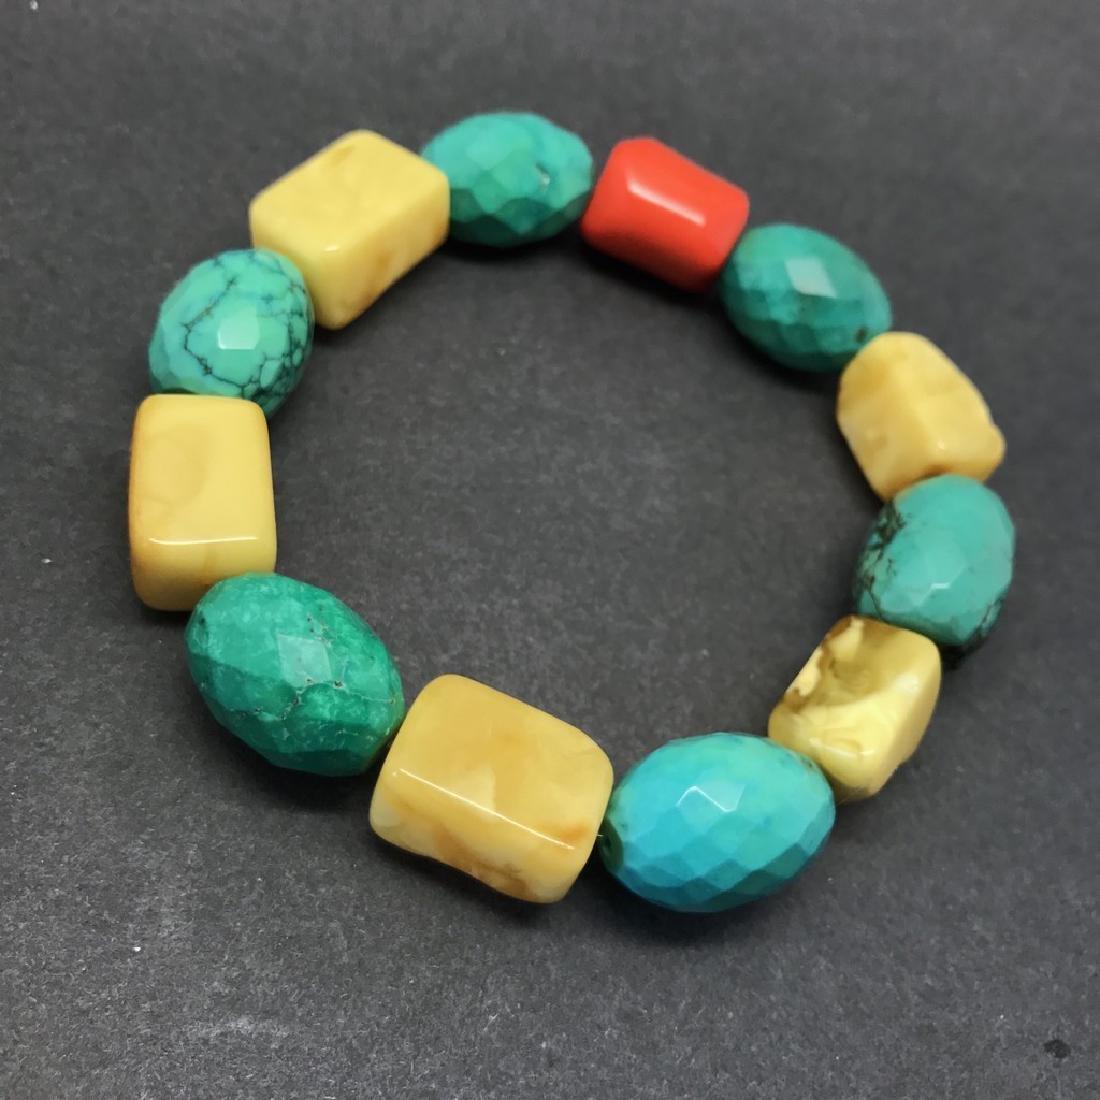 Vintage Baltic amber, turquoise & coral bracelet, 46 gr - 3